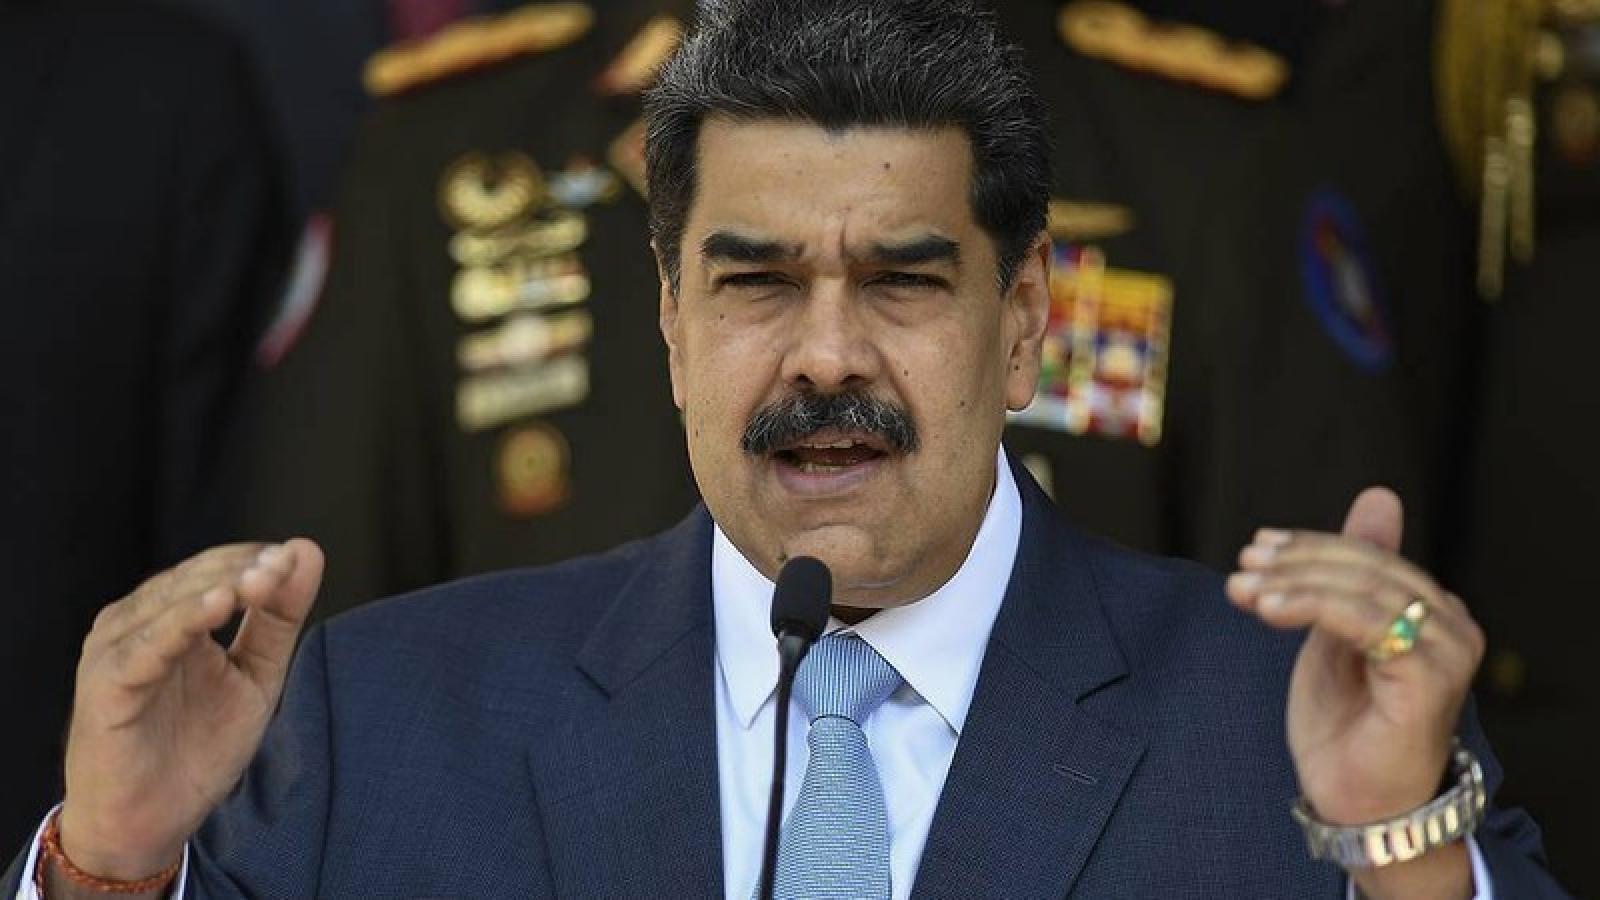 Venezuela mất điện trên diện rộng sau vụ đột kích bất thành